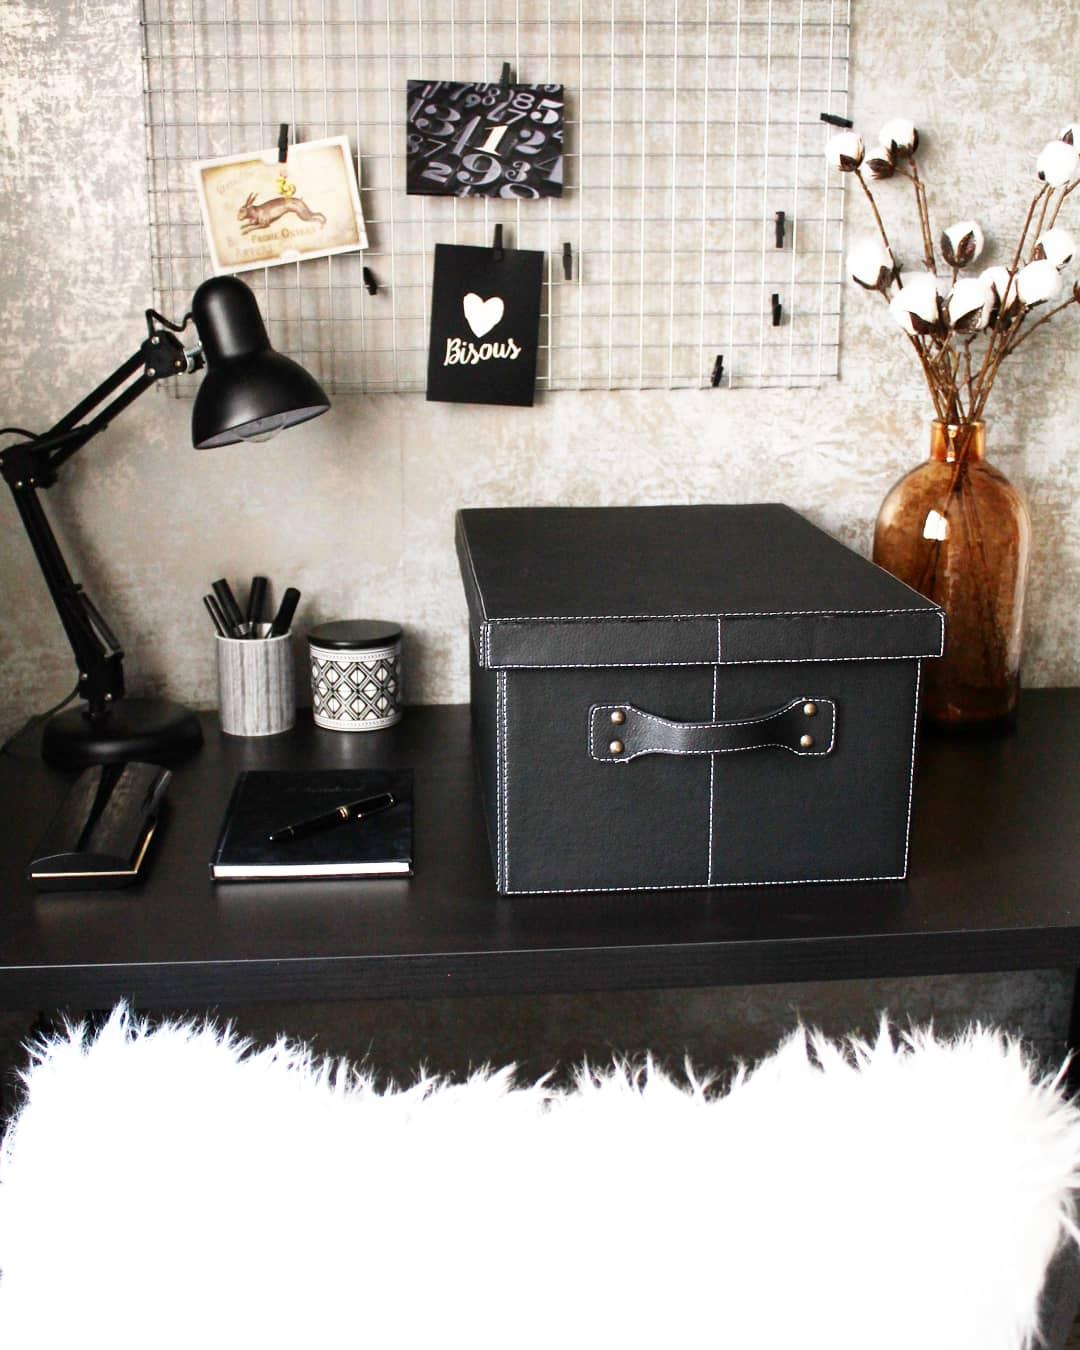 aufbewahrungs box gro mit deckel schwarze kiste deko. Black Bedroom Furniture Sets. Home Design Ideas